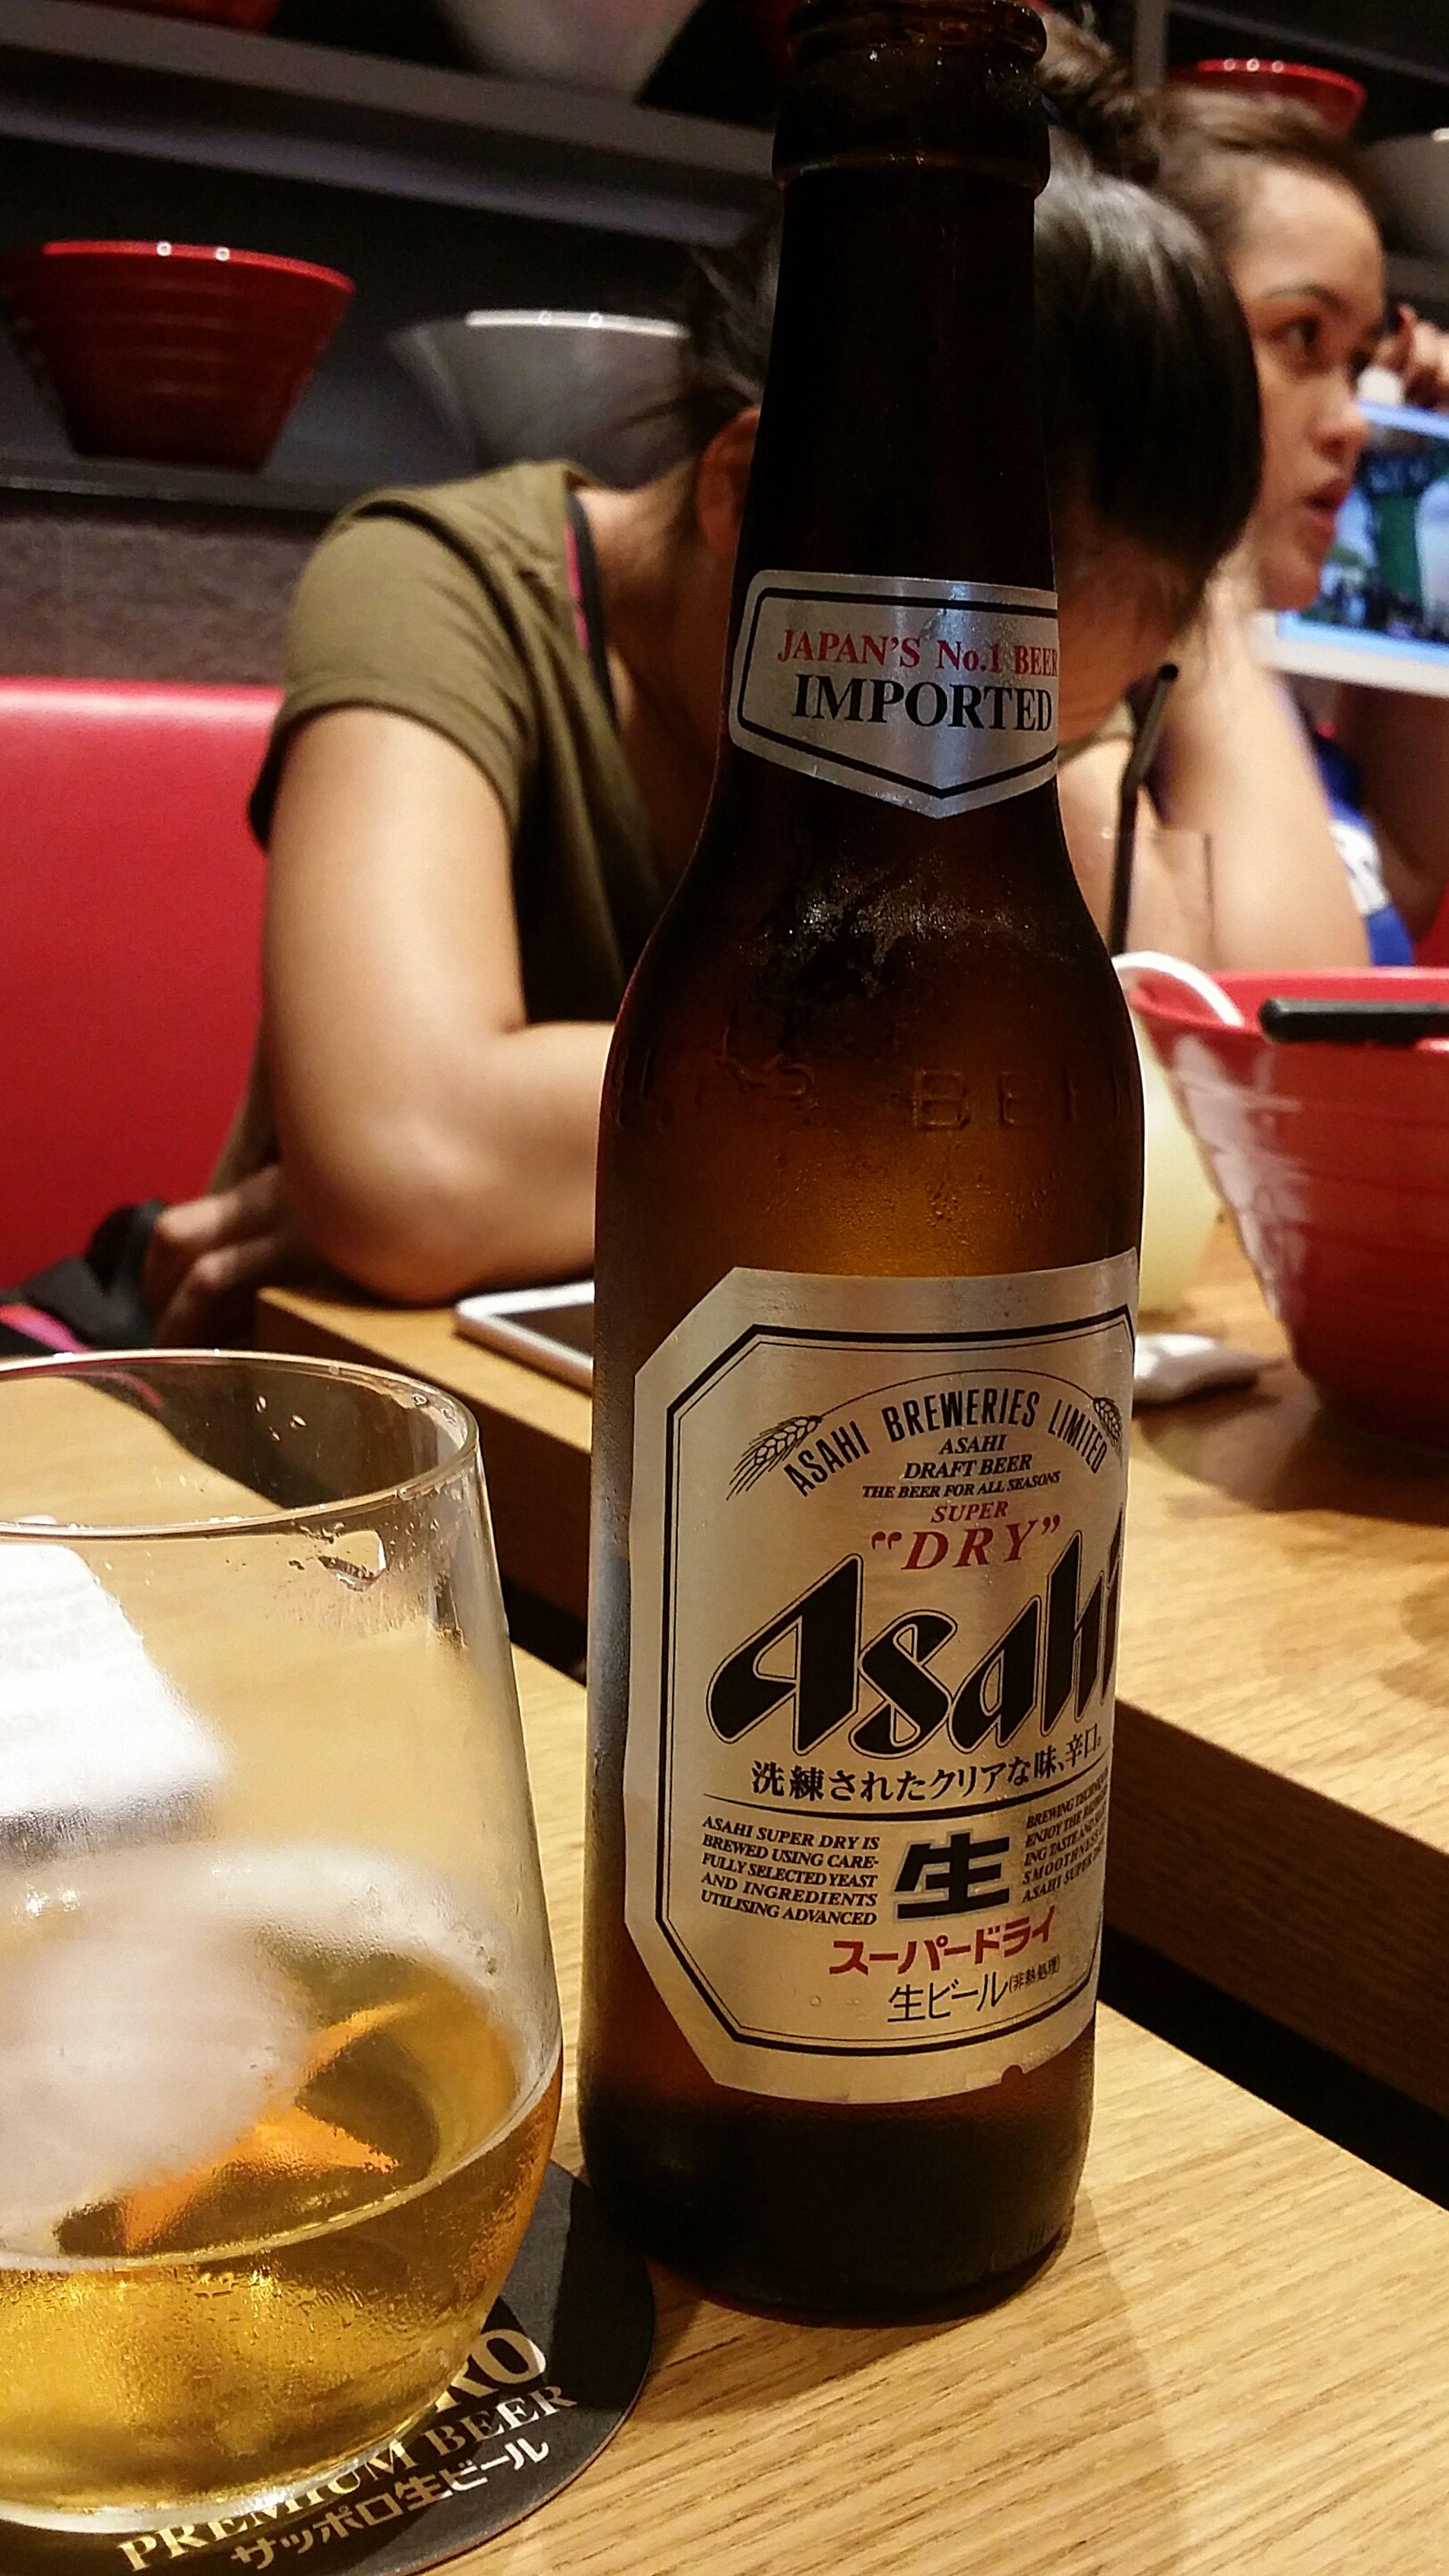 Asahi Beer Superdry Beer Japanese Beer Sunday Lunch Singapore Asahi Breweries Draft Beer